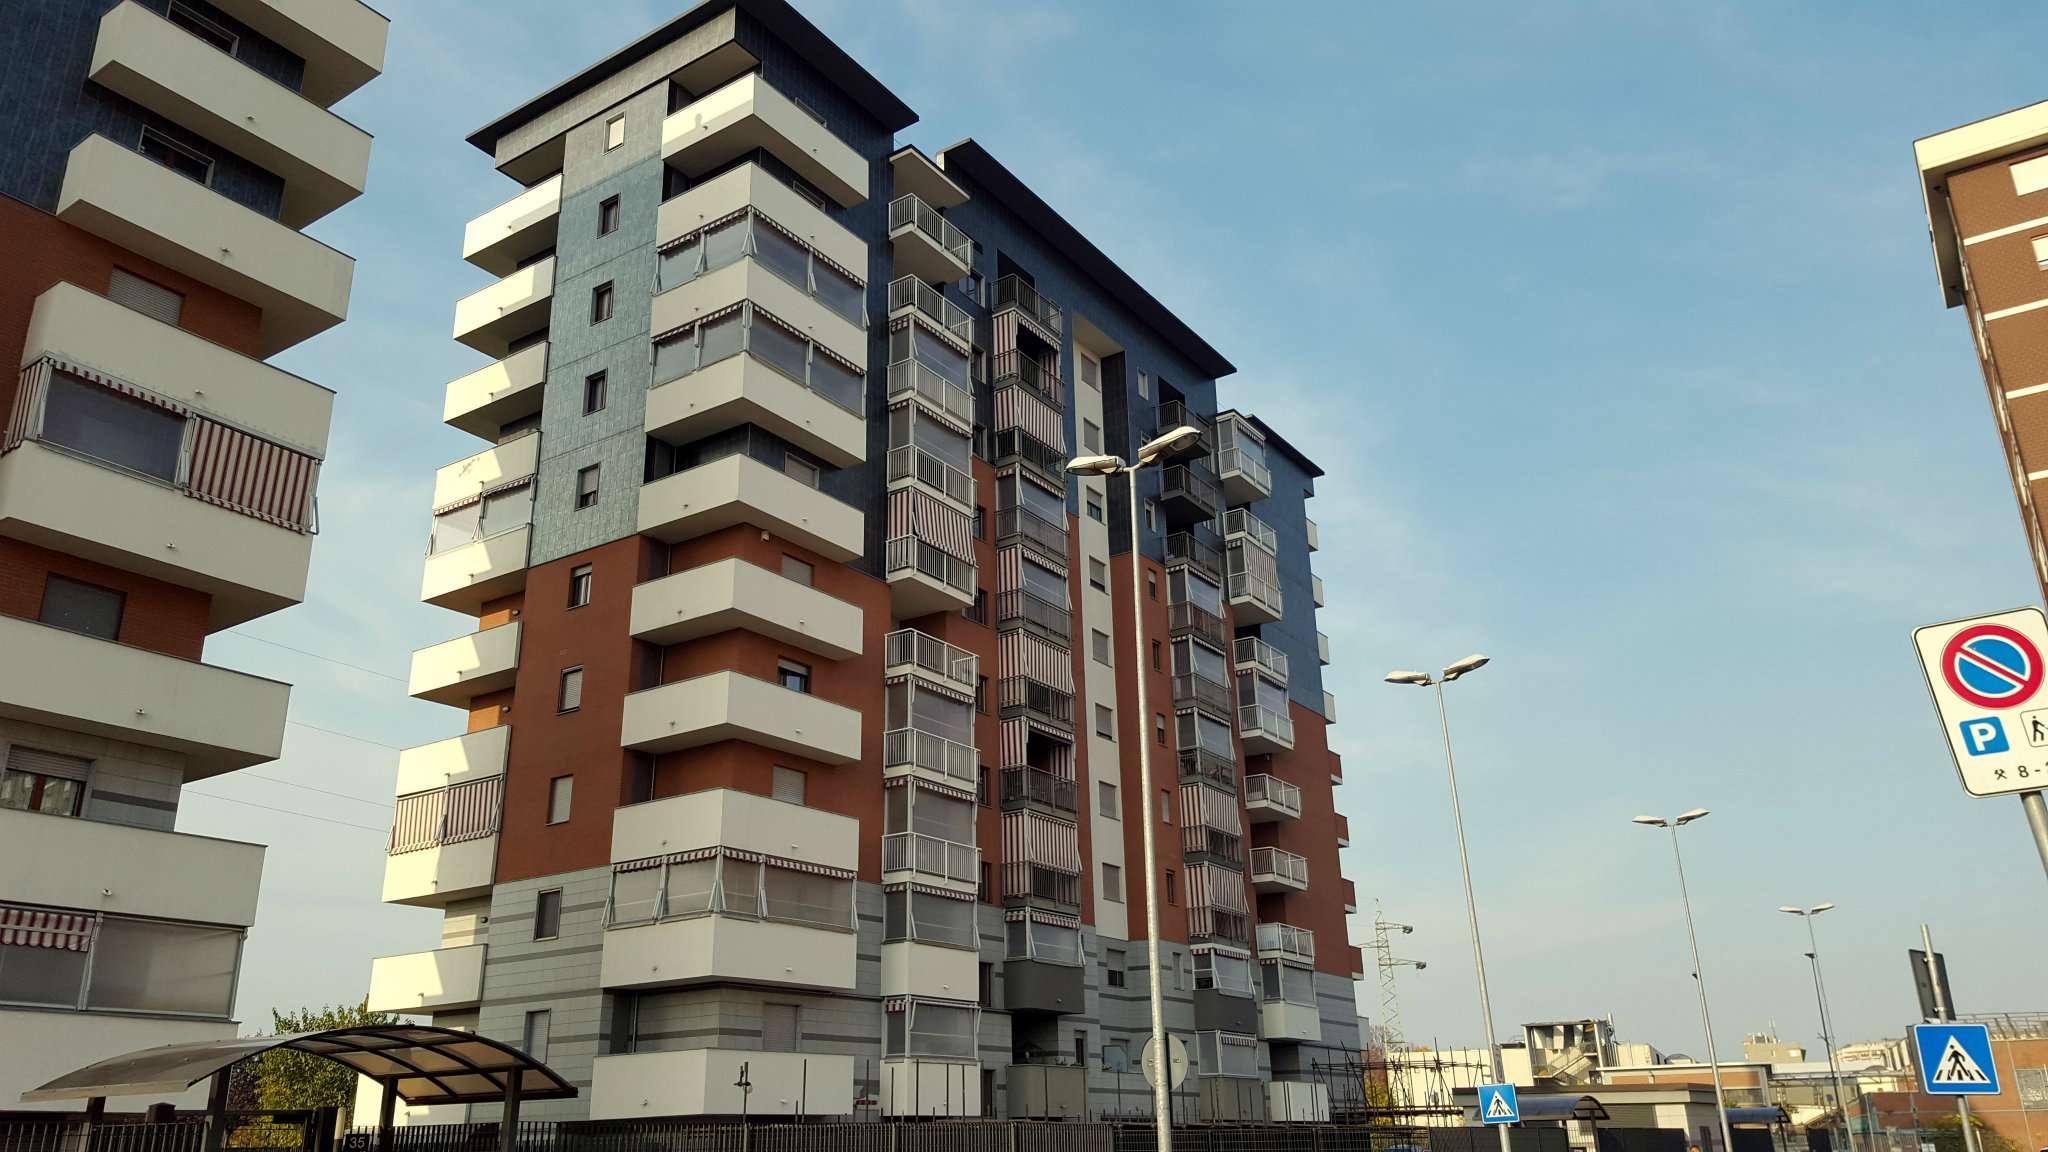 Appartamento in vendita Zona Mirafiori - strada del Portone 35/6 Torino